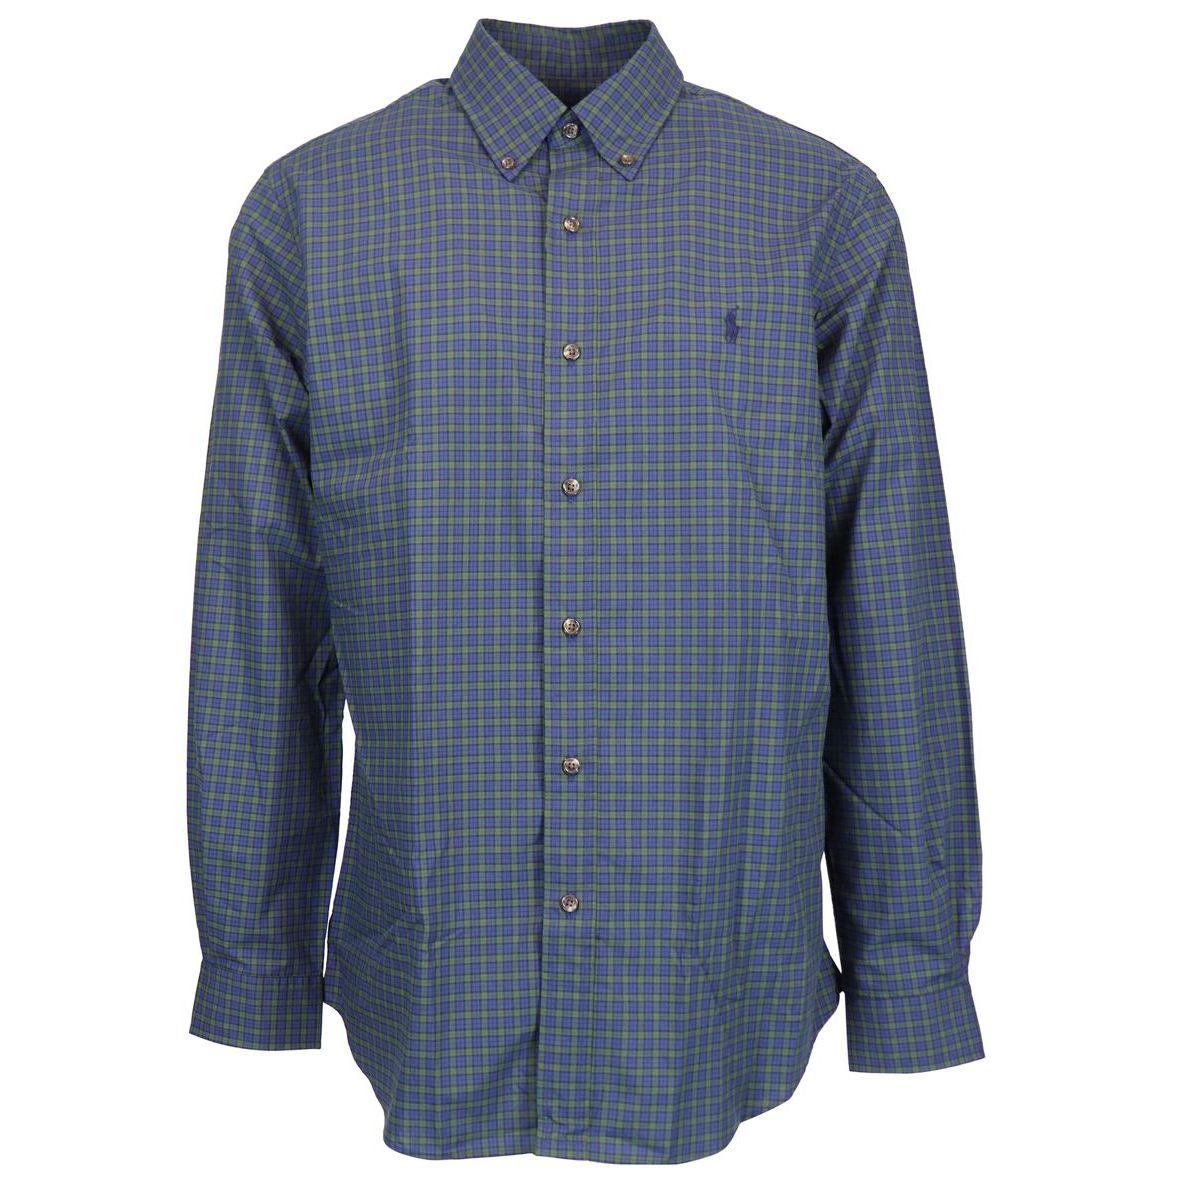 Tartan patterned button-down shirt Green pictures / bl Polo Ralph Lauren